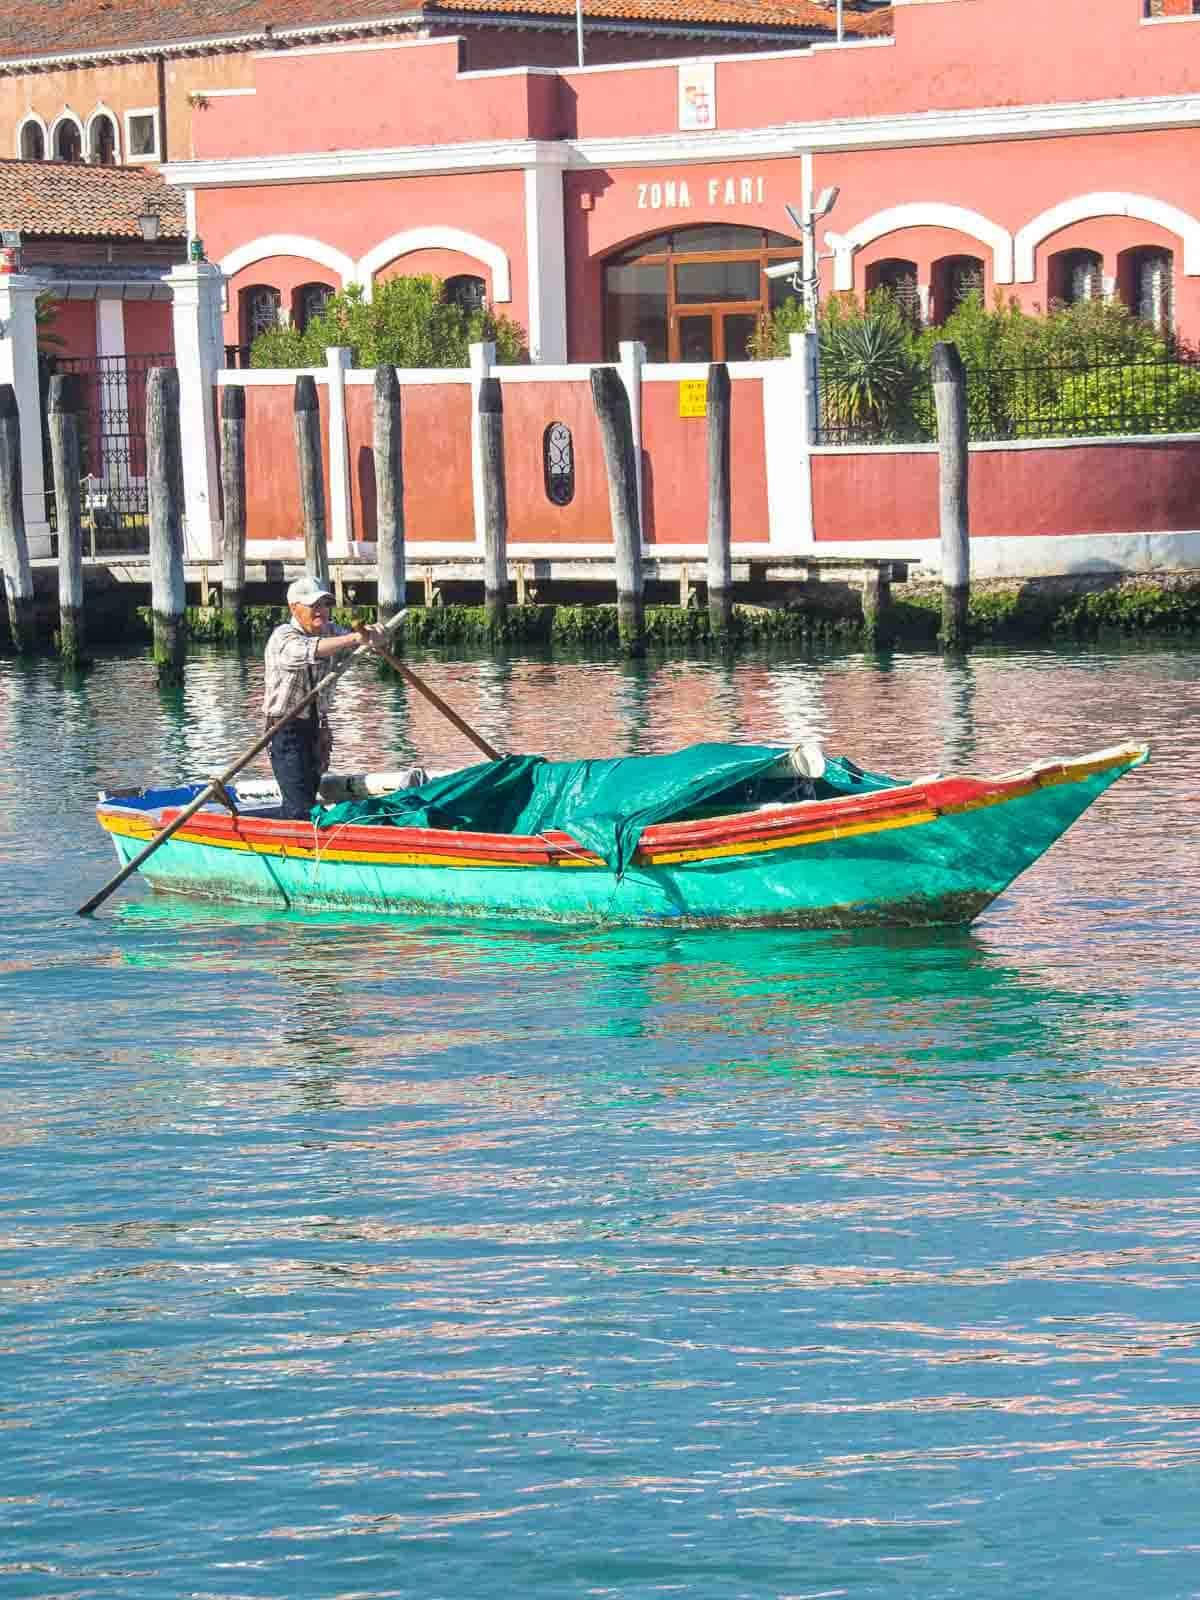 Venice Boatman